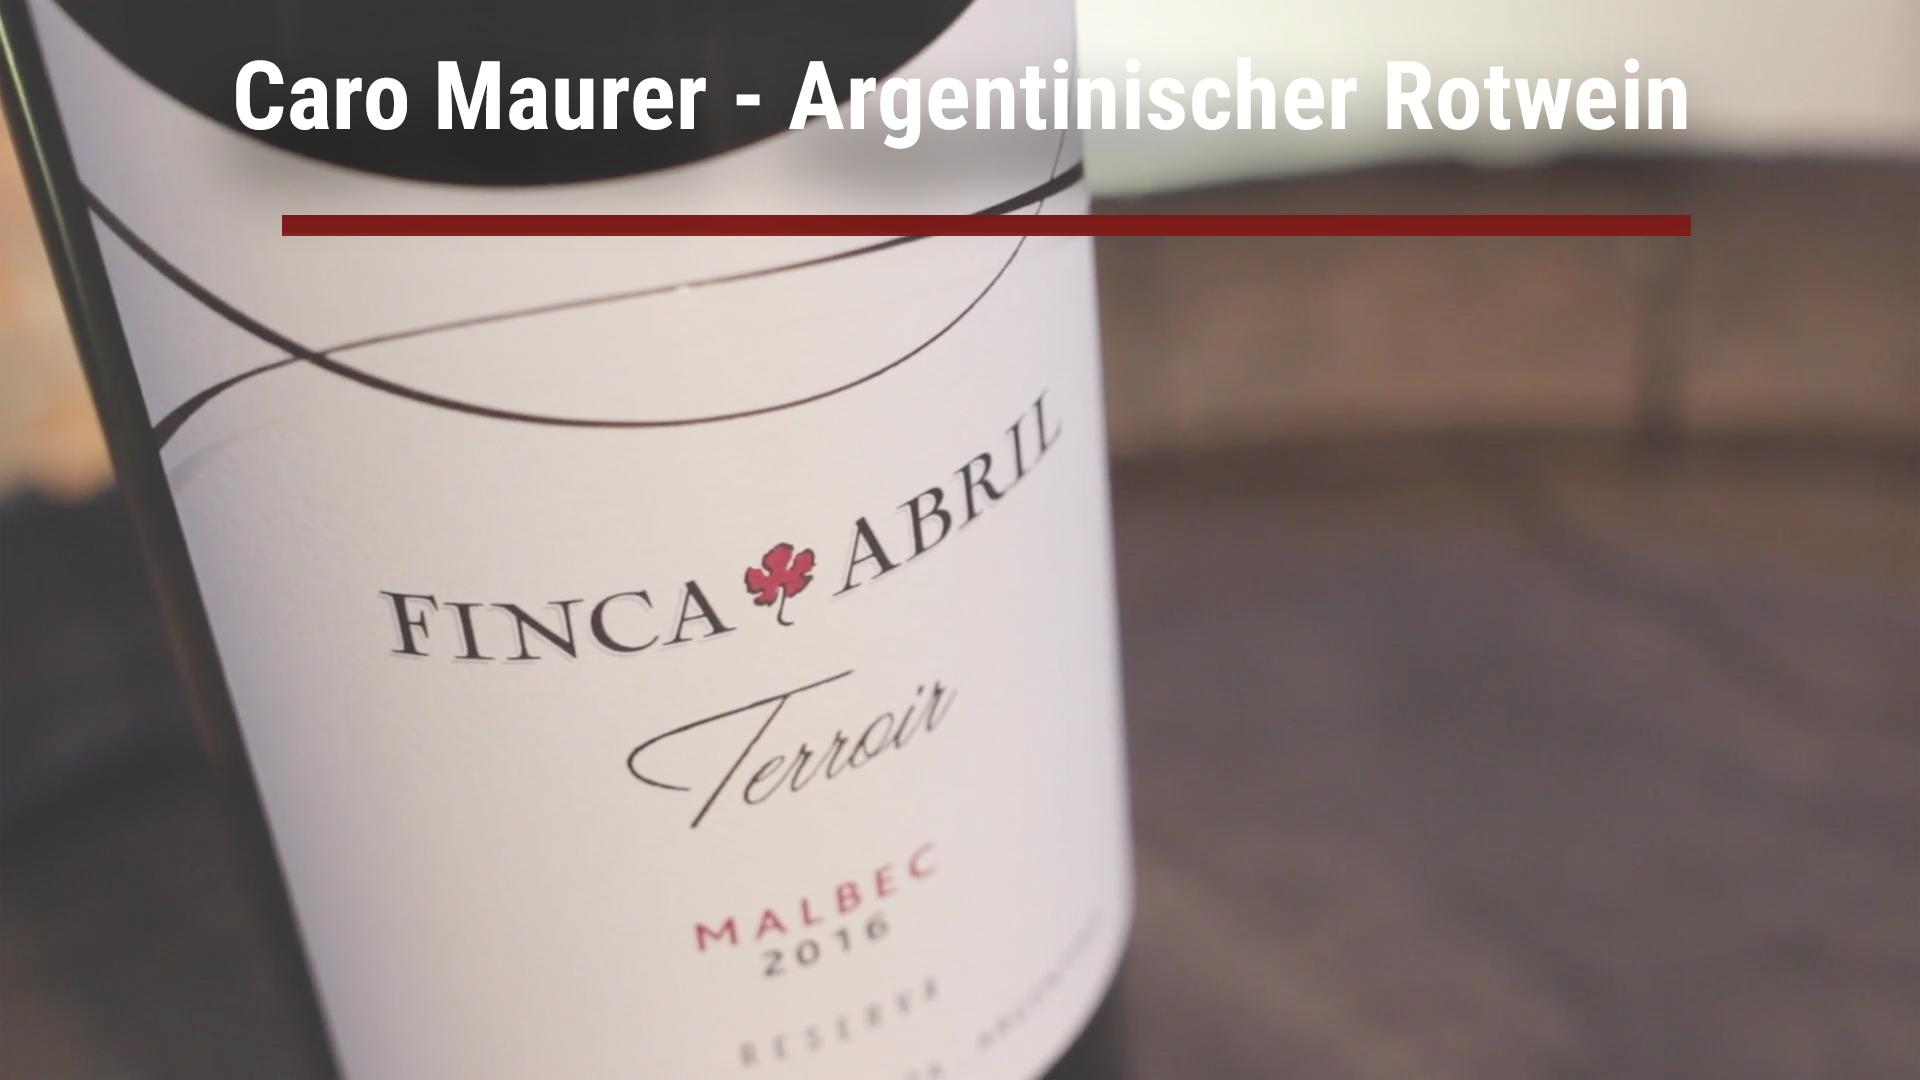 Caro Maurer – Argentinischer Rotwein